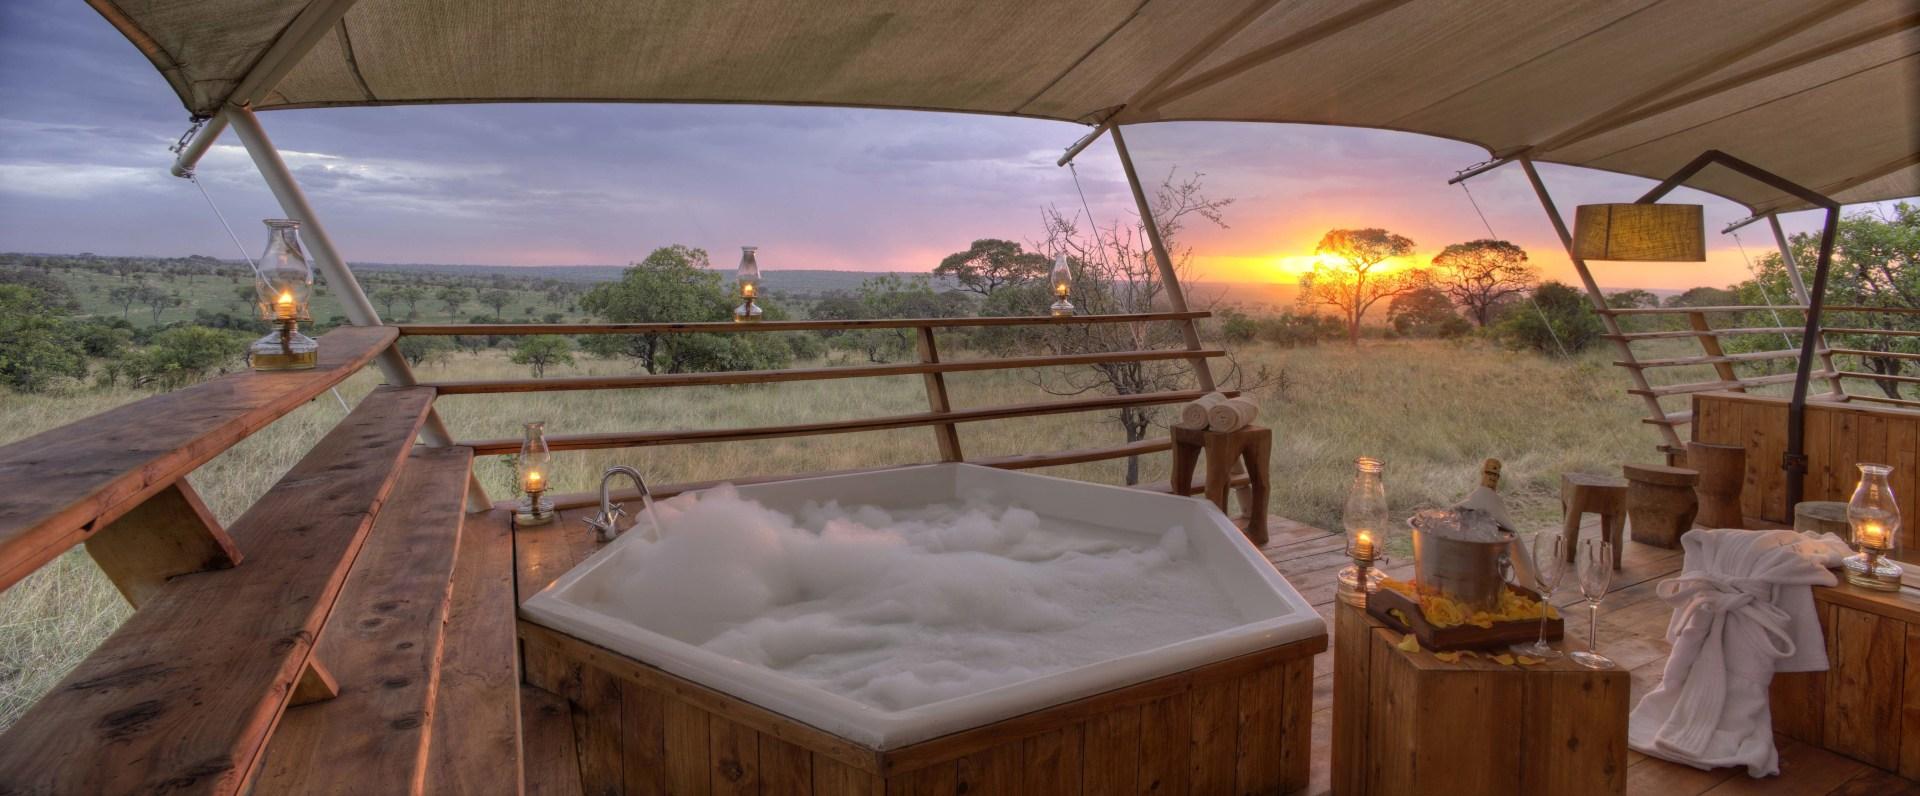 Whirlpool auf der Veranda eines Gaestezelts im Serengeti Bushtops